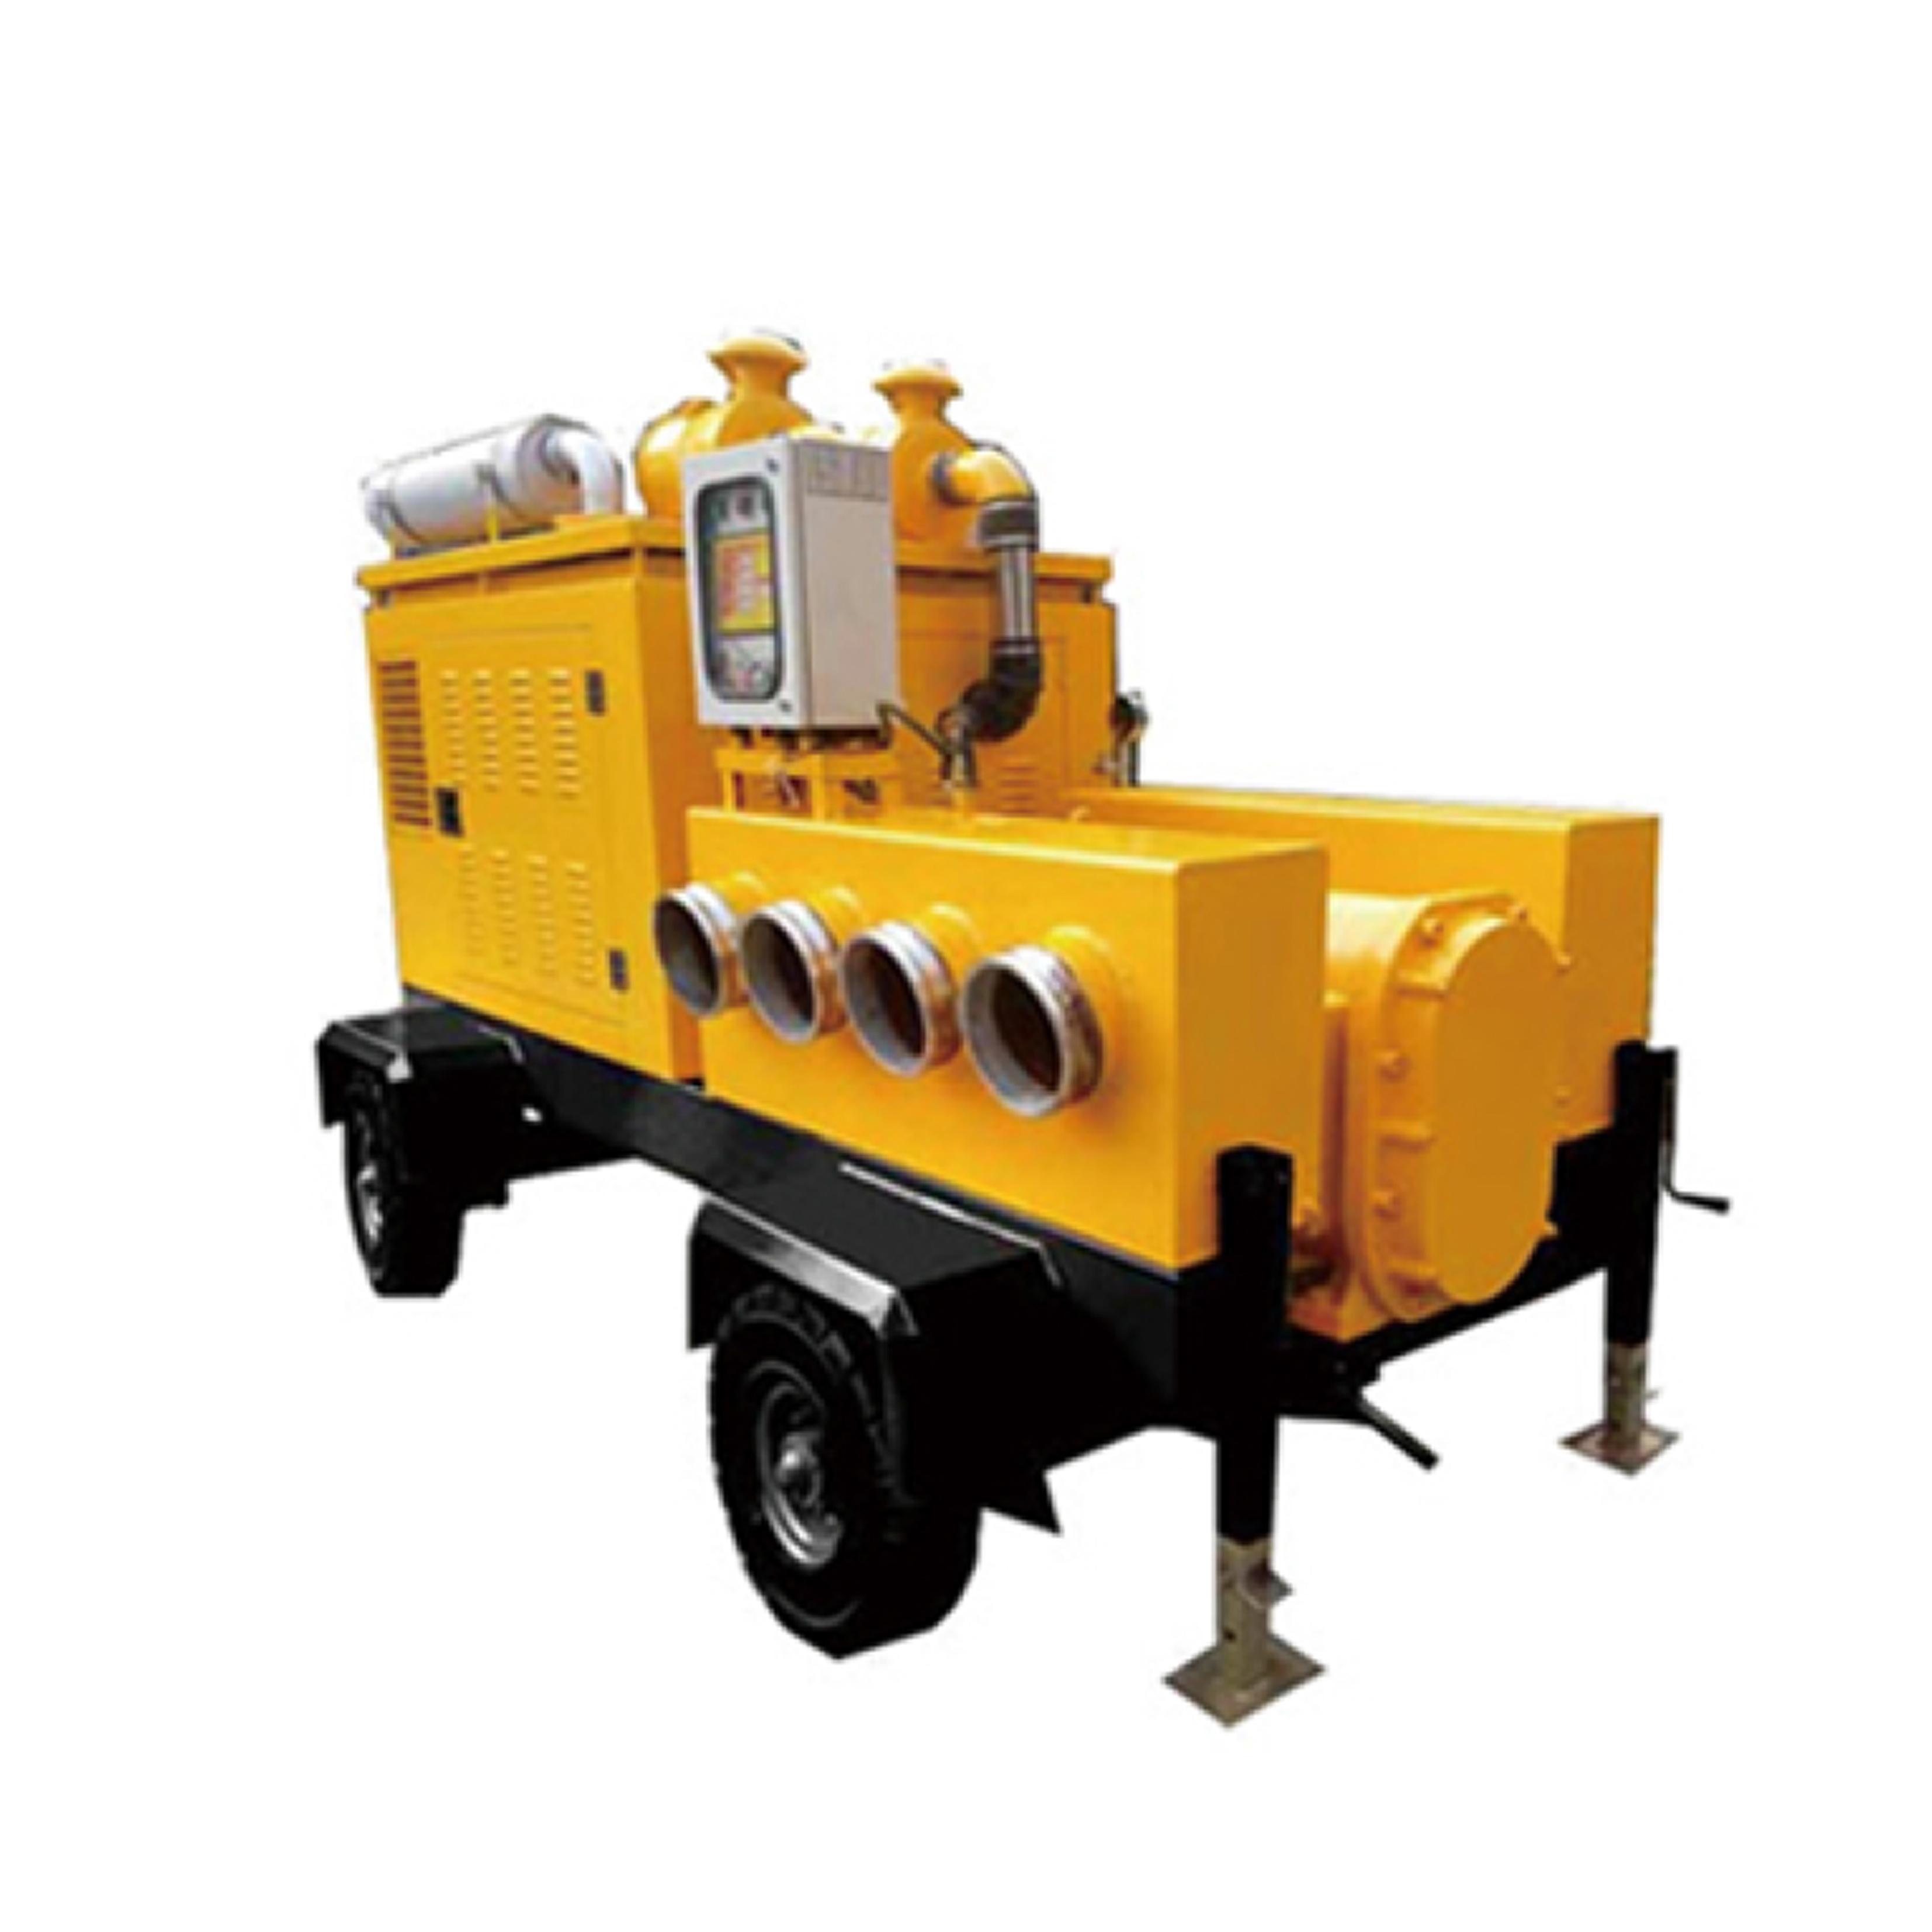 智能应急抢险排涝移动泵组2.jpg